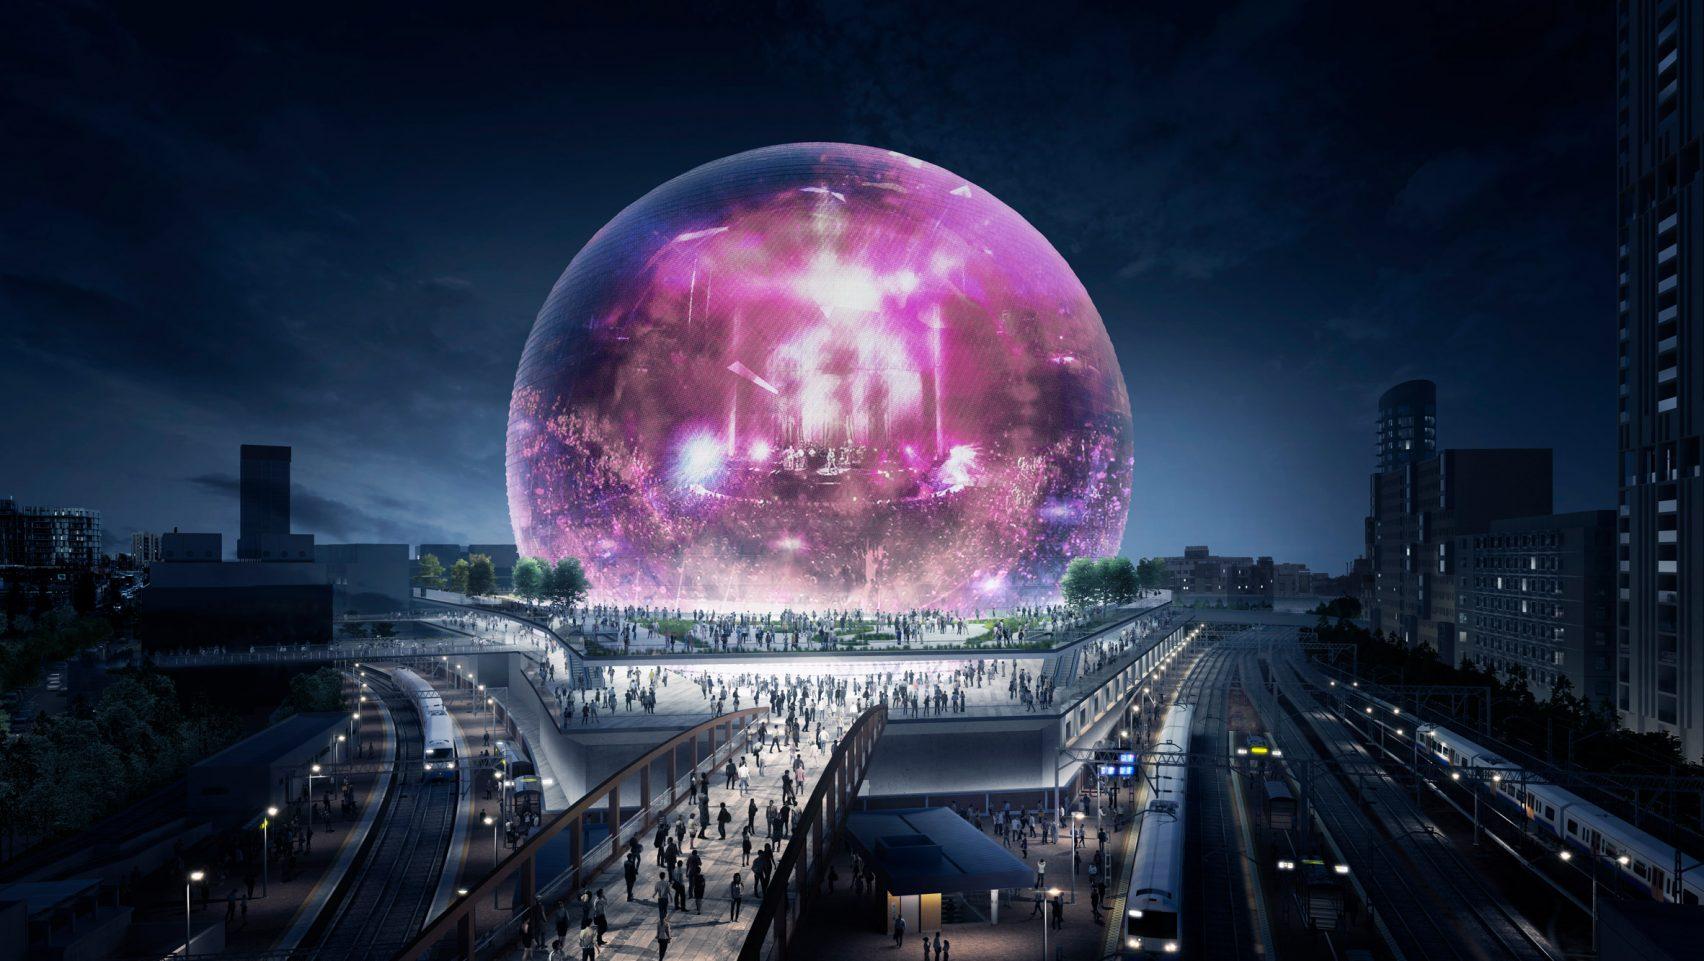 Premières images de la MSG Sphere London